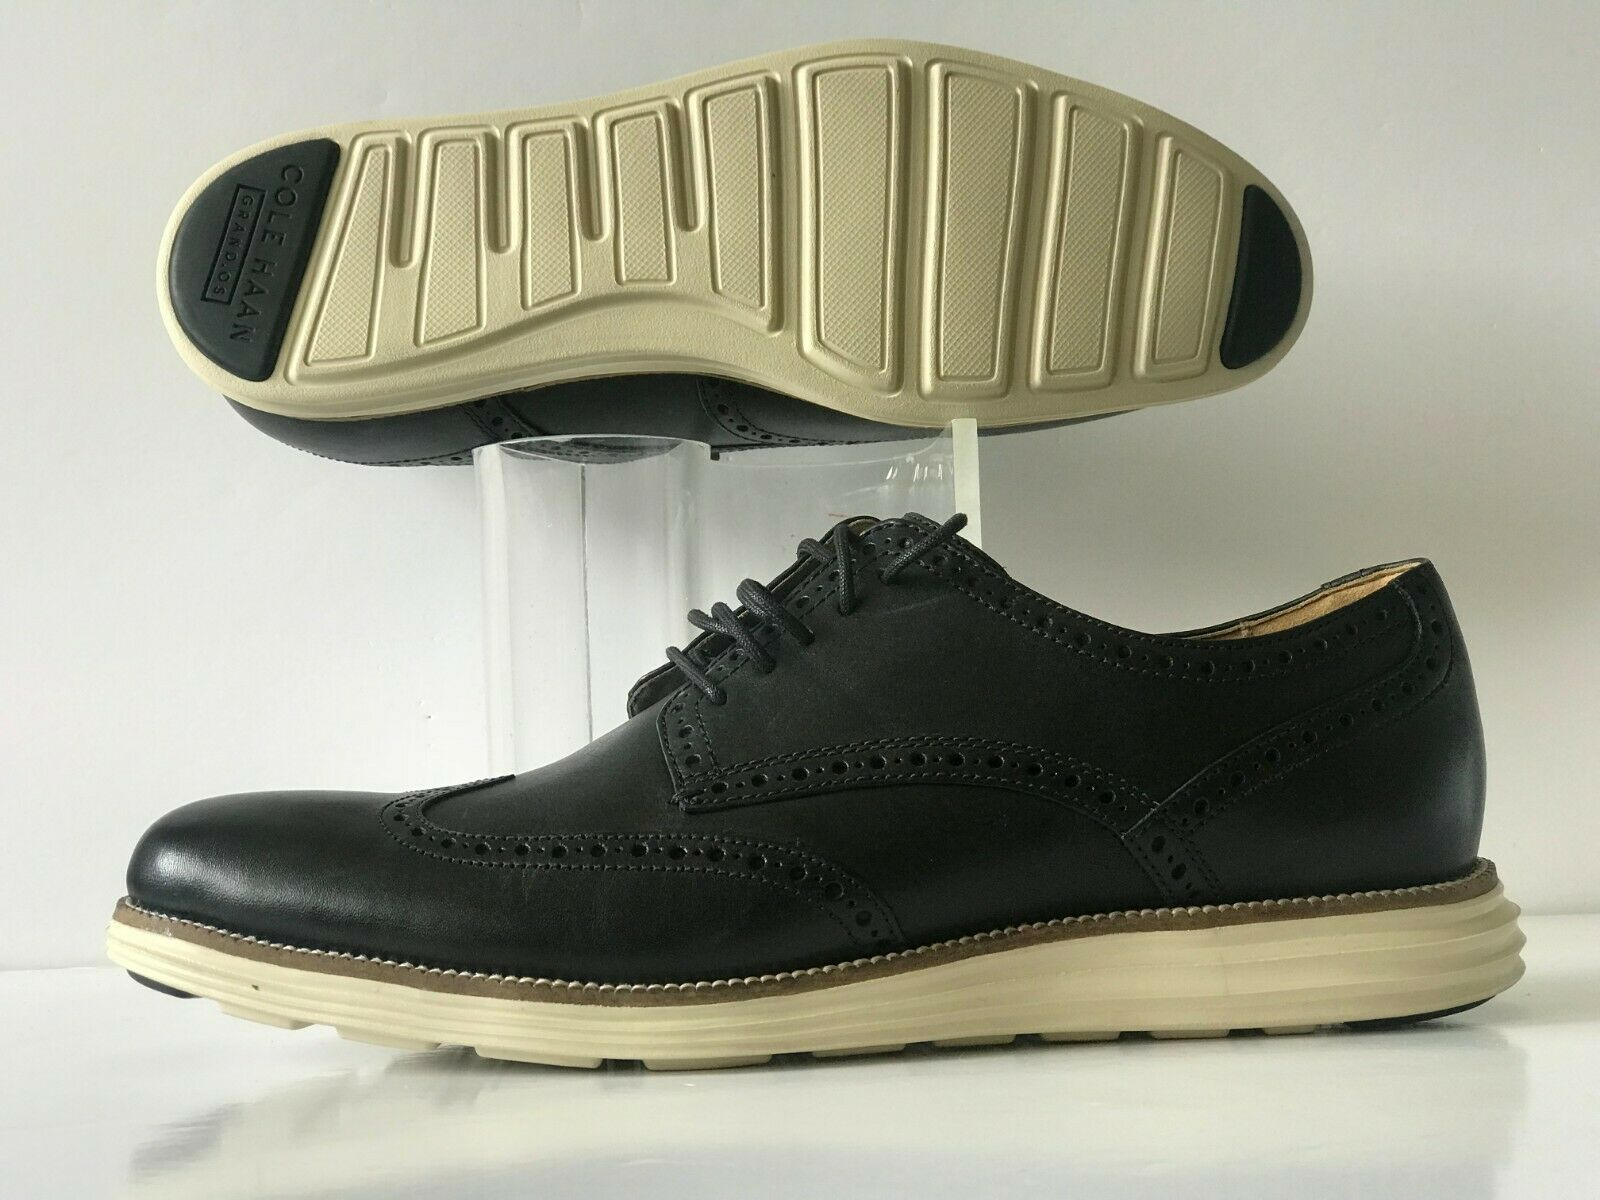 Cole Haan Grand Original Bout D'Aile Oxford Noir Blanc Homme Taille 12 (C20775)